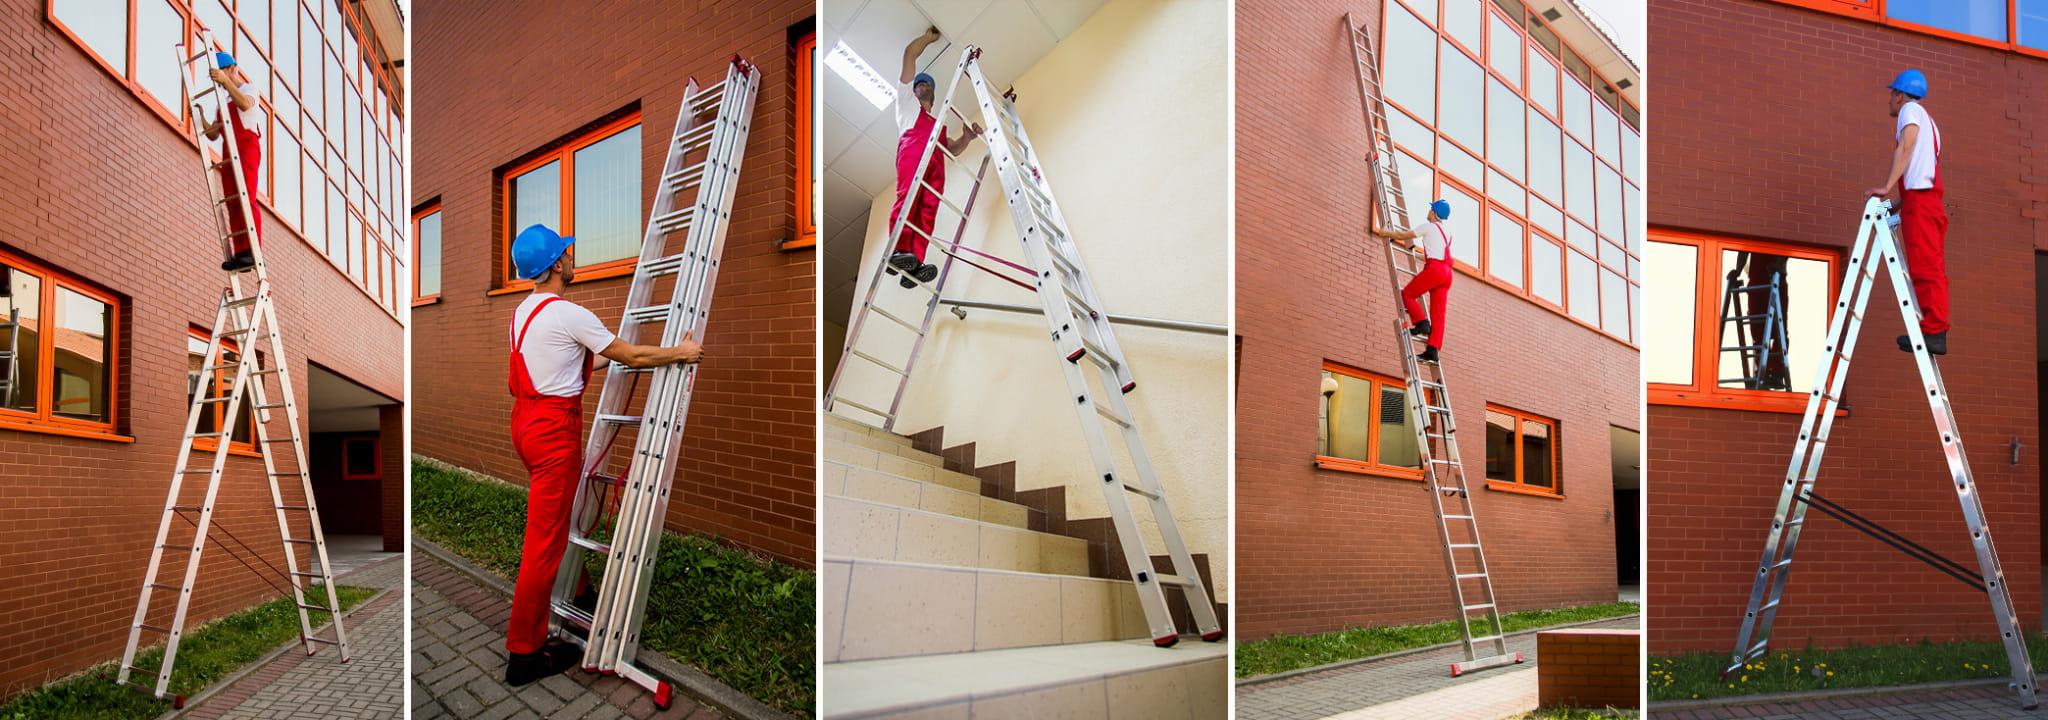 hliníkové rebríky vyššie